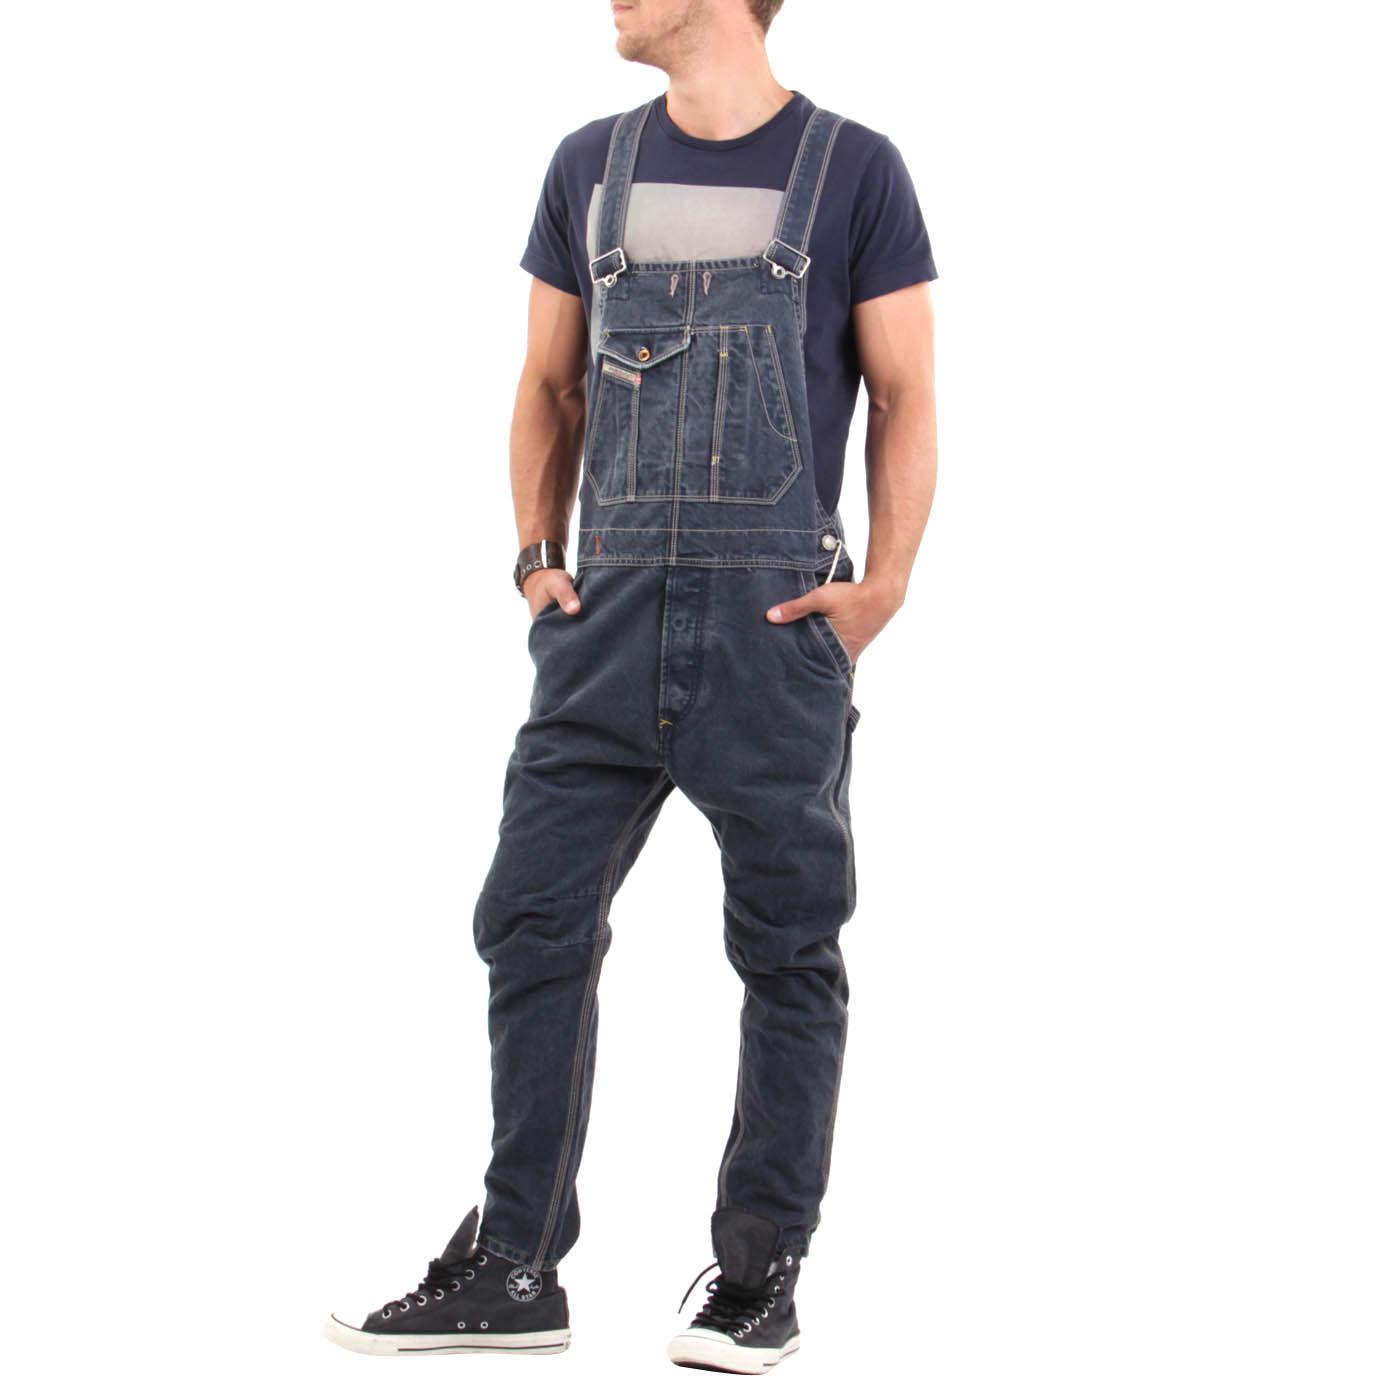 diesel herren jeans hose jumpsuit latzhose dark blue 0802l ebay. Black Bedroom Furniture Sets. Home Design Ideas